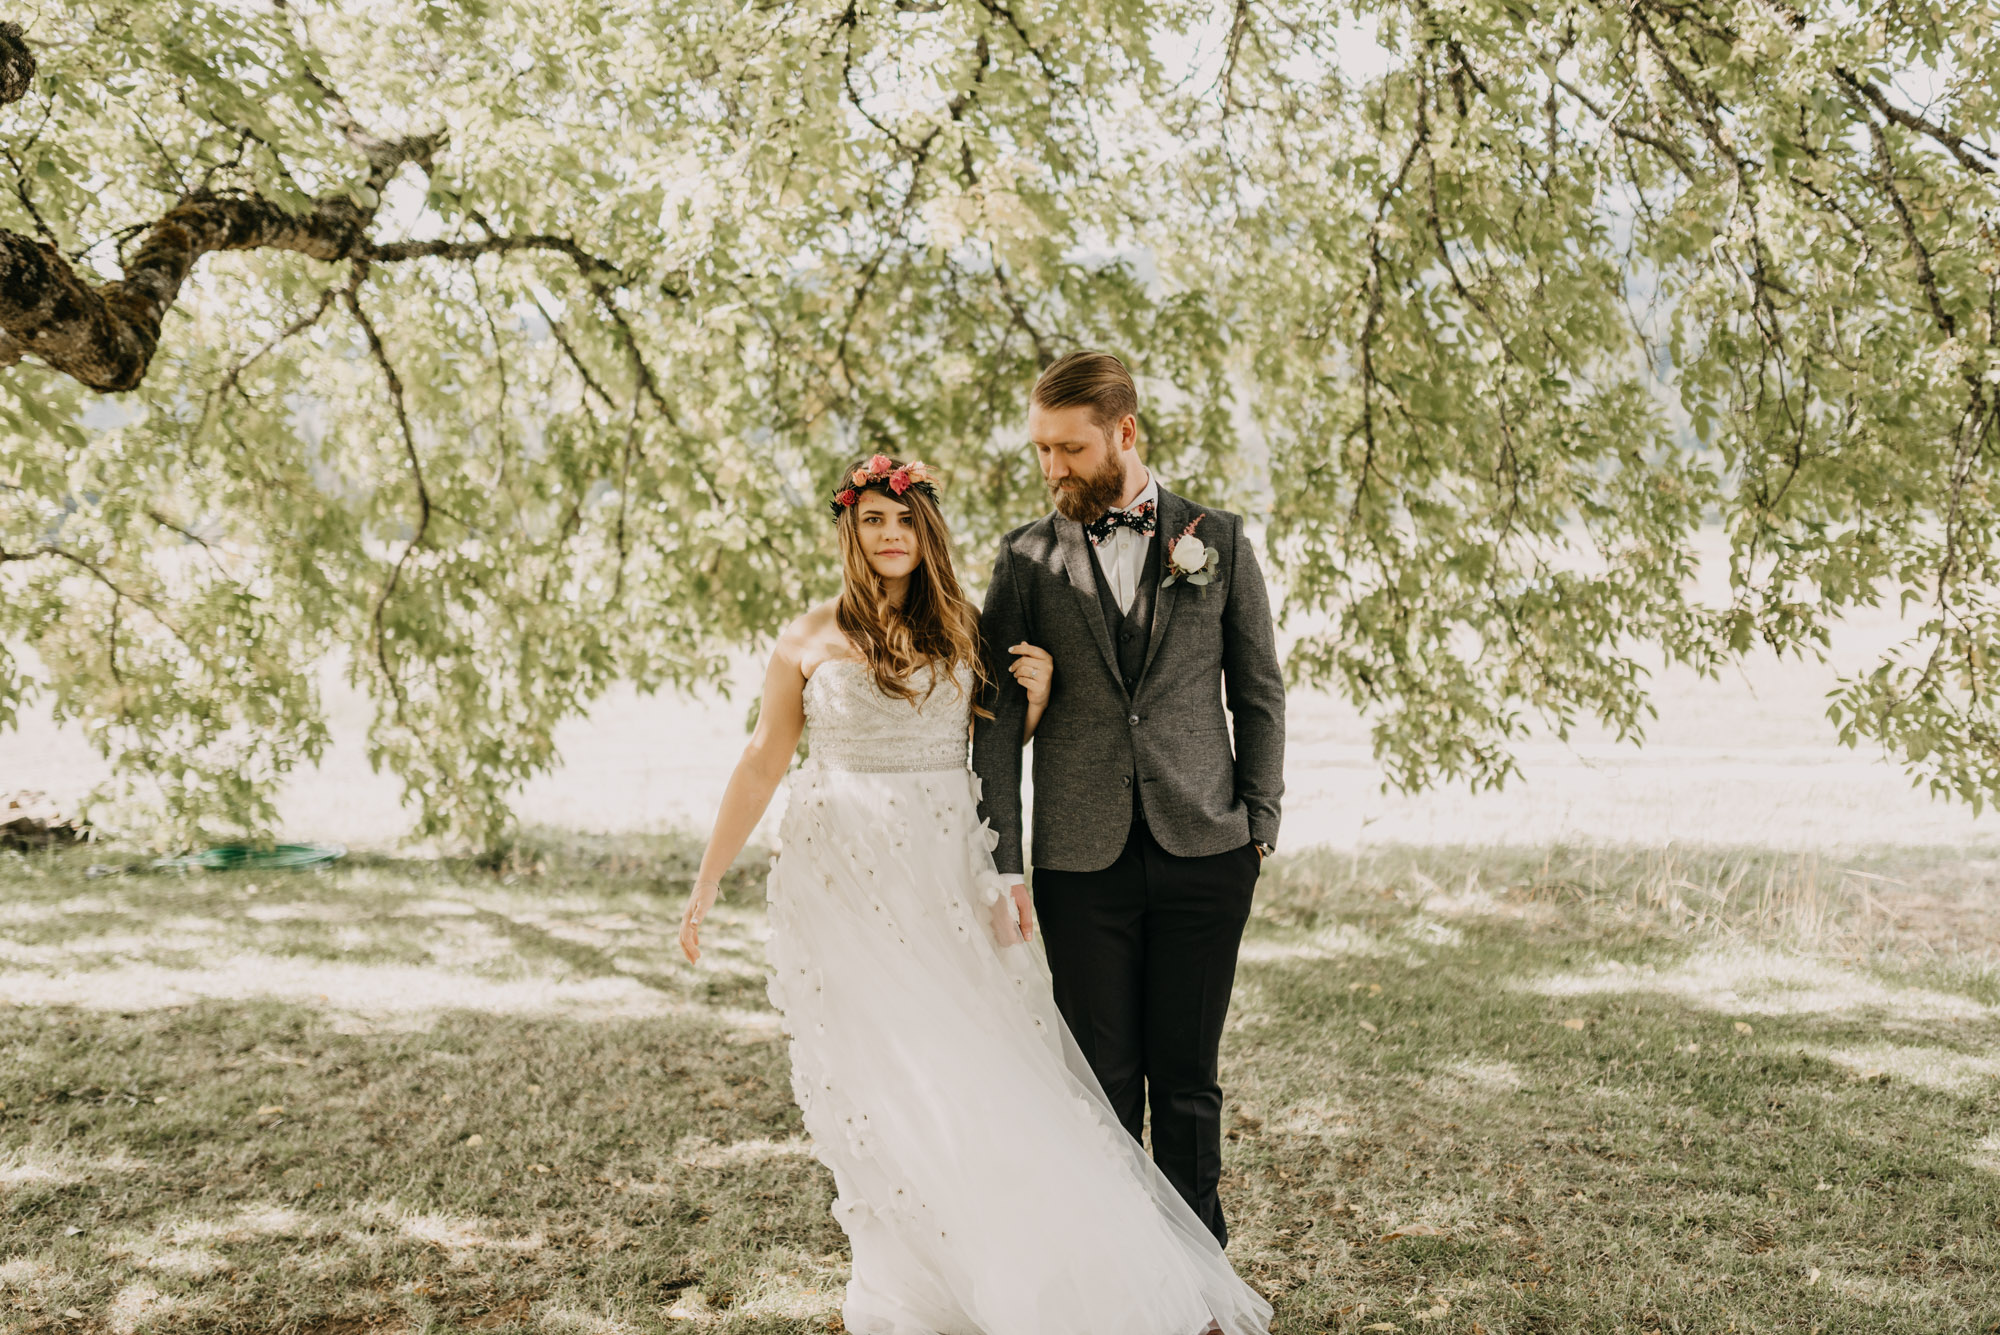 Outdoor-First-Look-Washington-Wedding-Barn-Door-8326.jpg